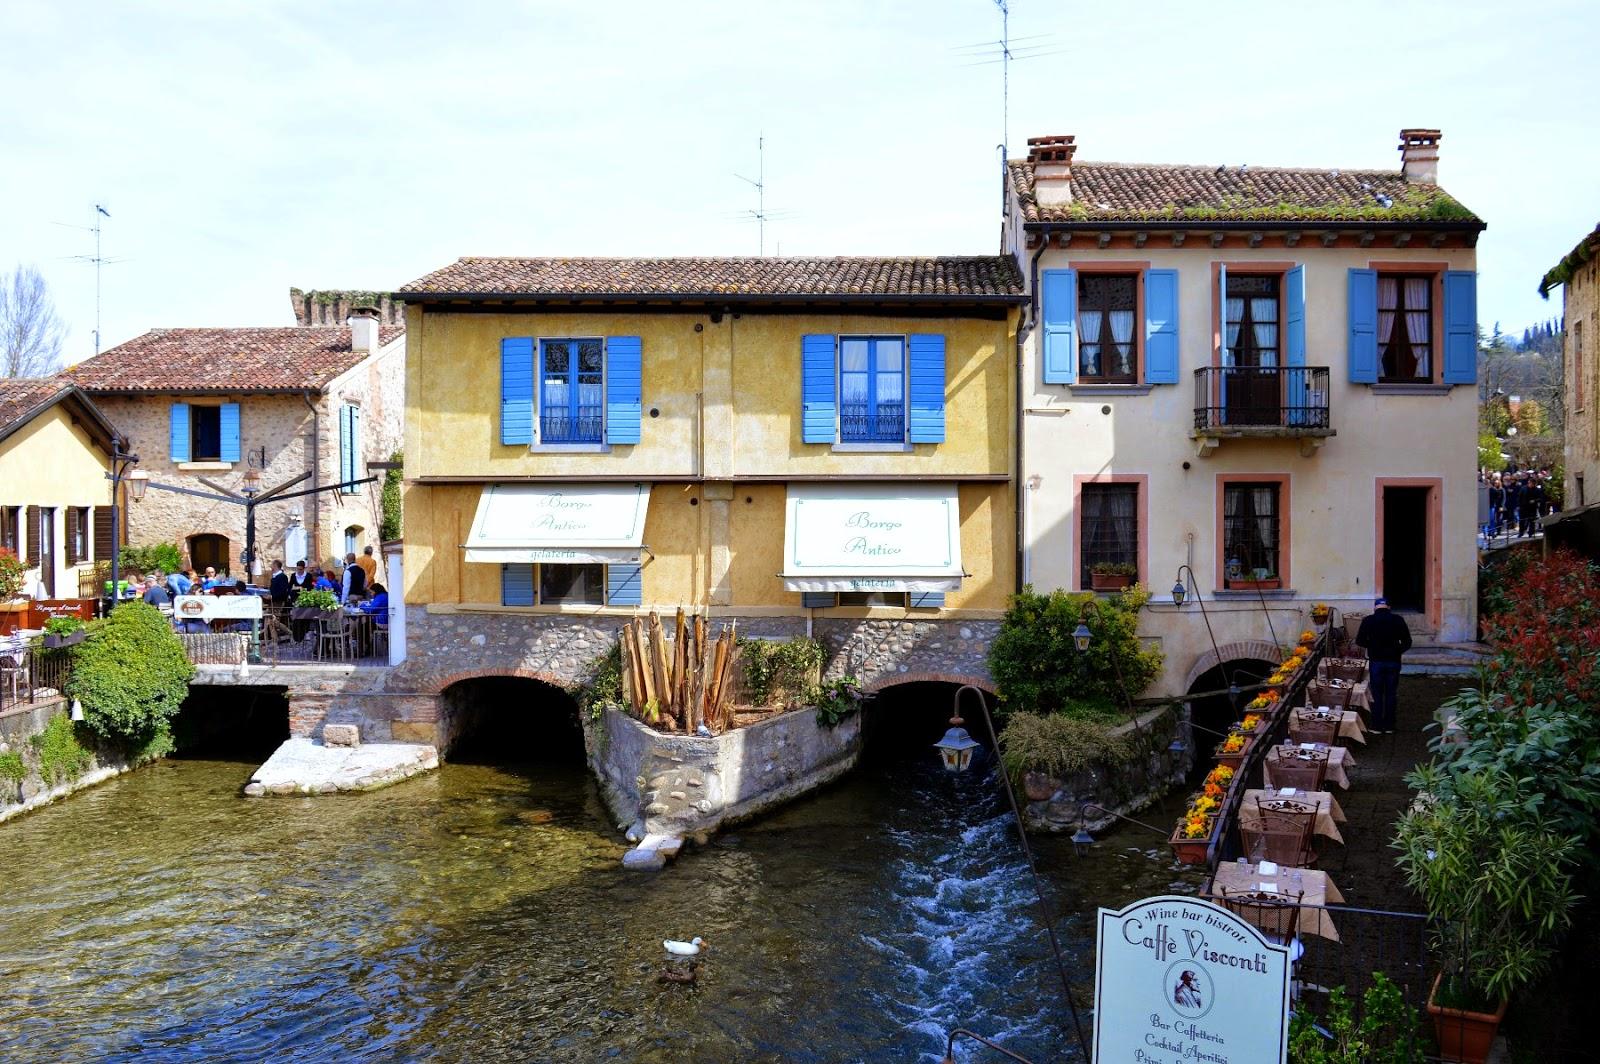 11. Borghetto di Valeggio sul Mincio - Veneto